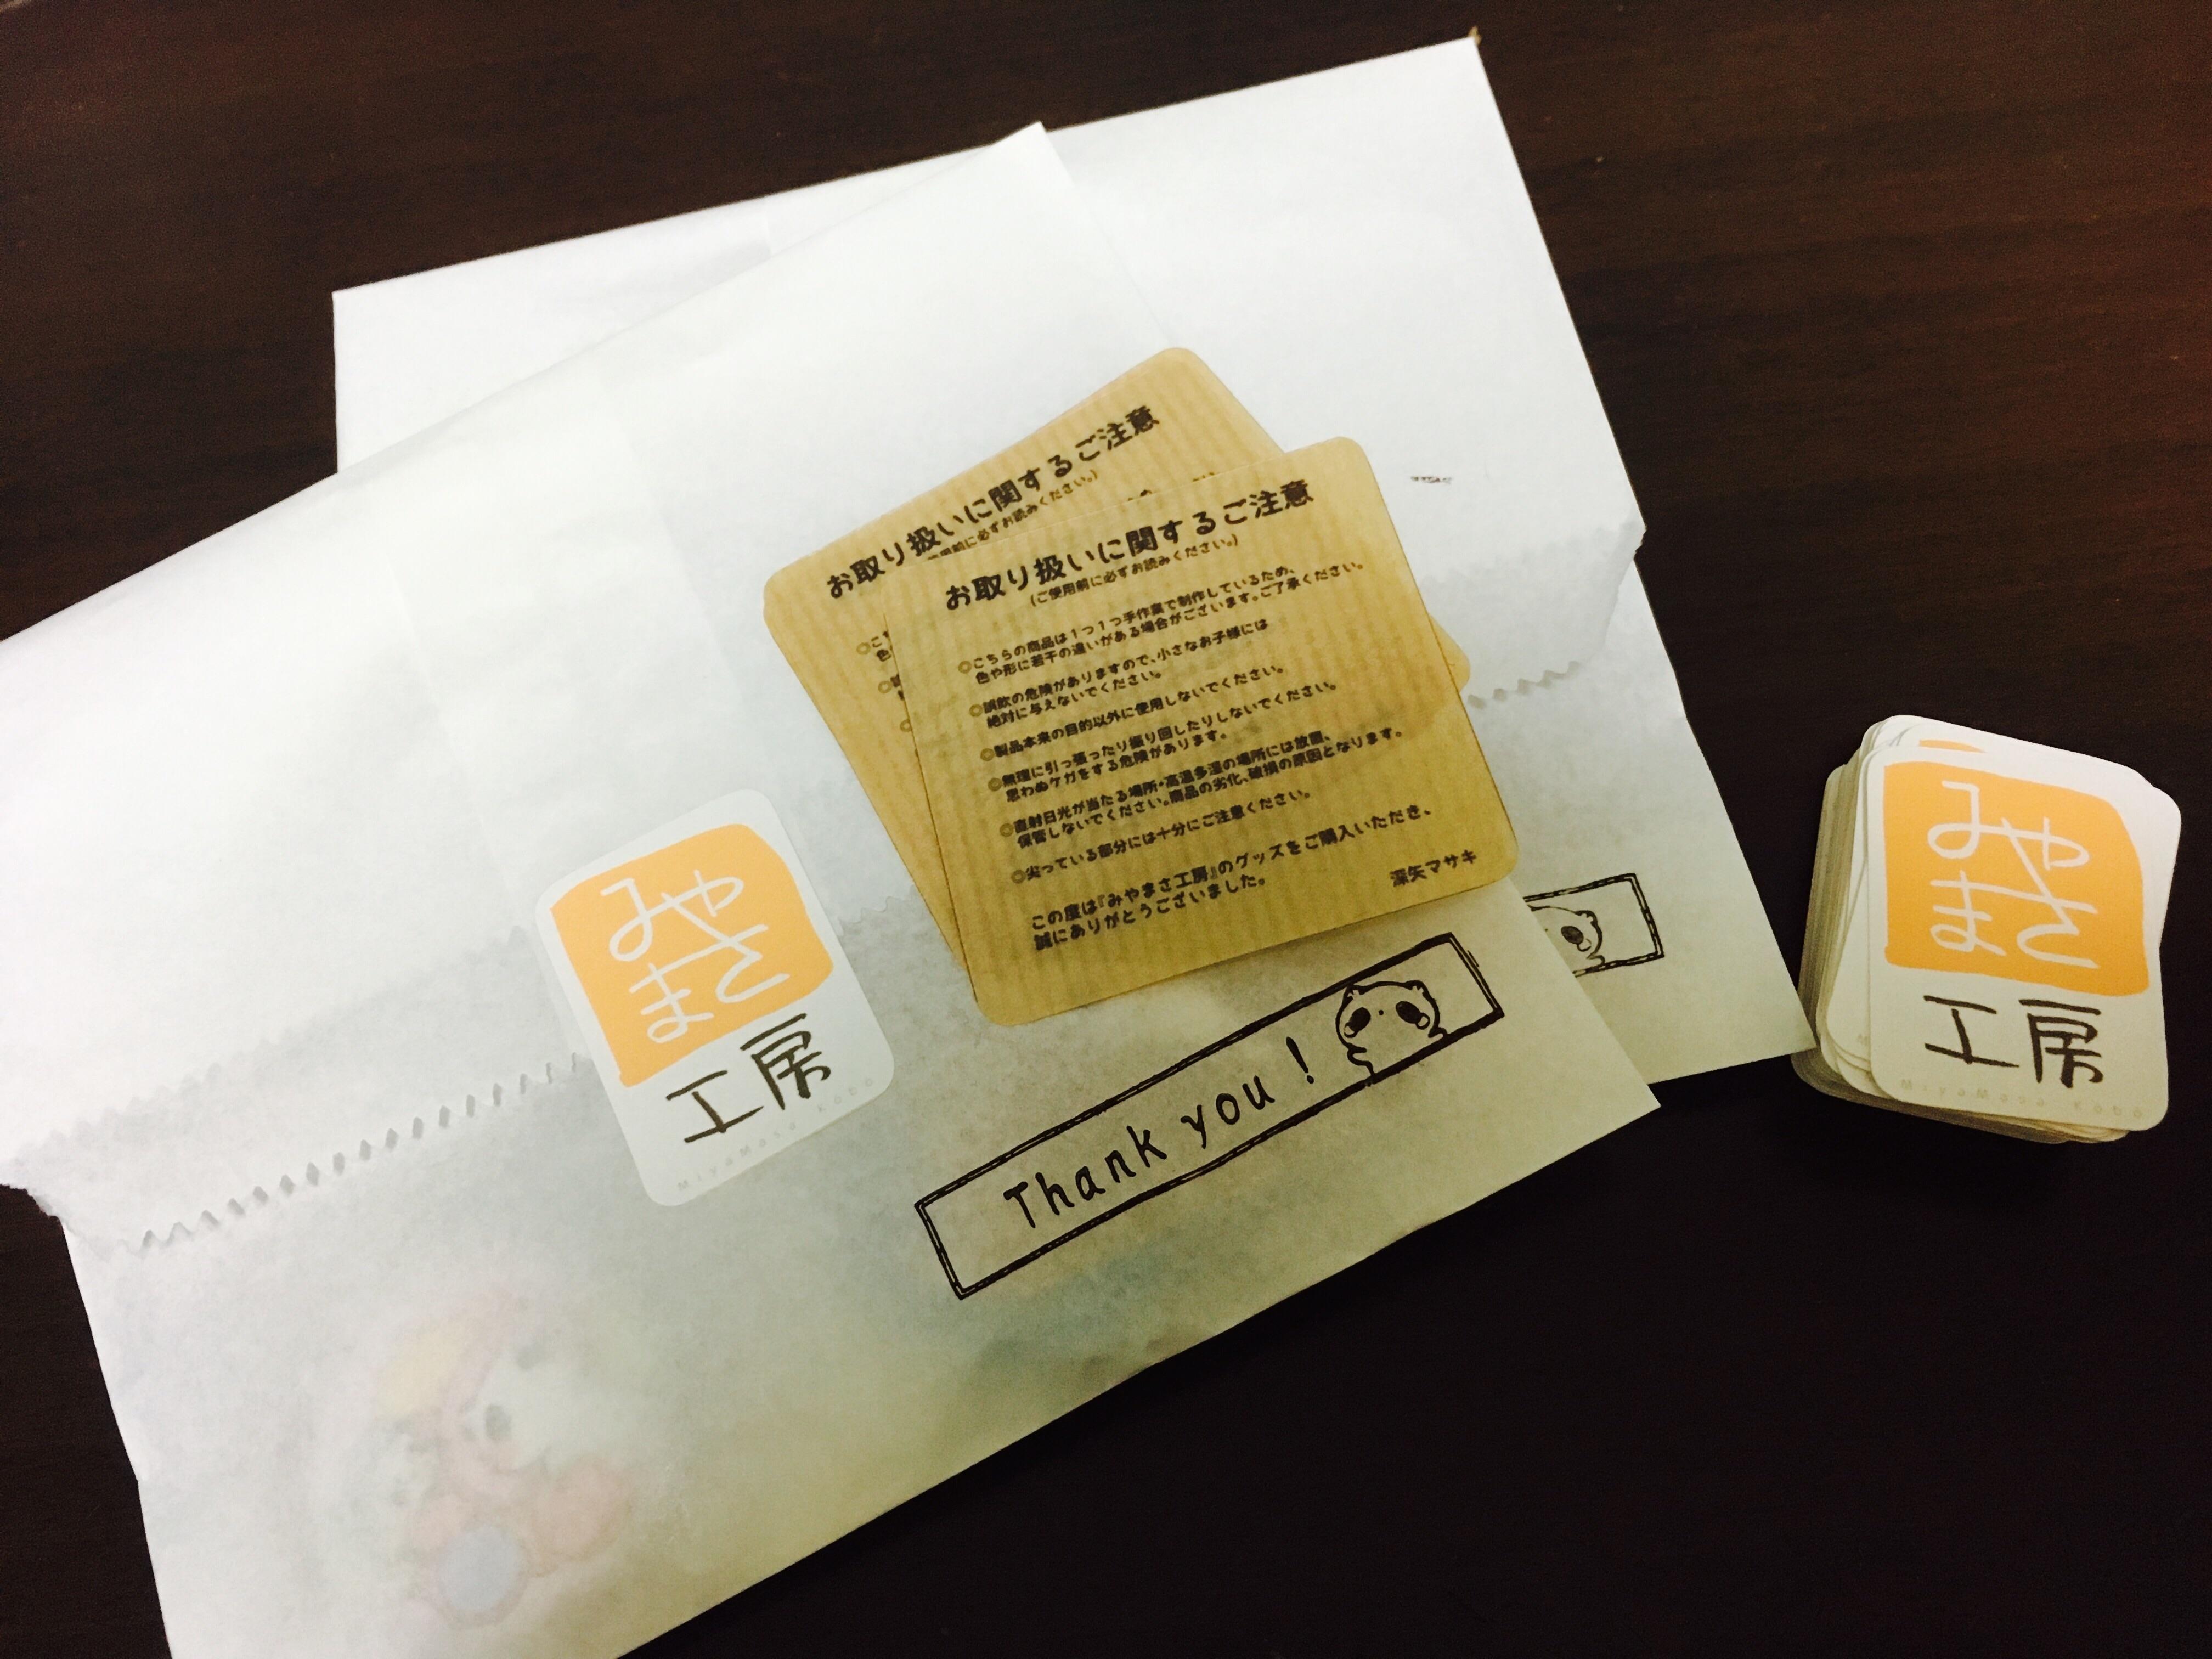 f:id:miyamasaki:20170803024740j:image